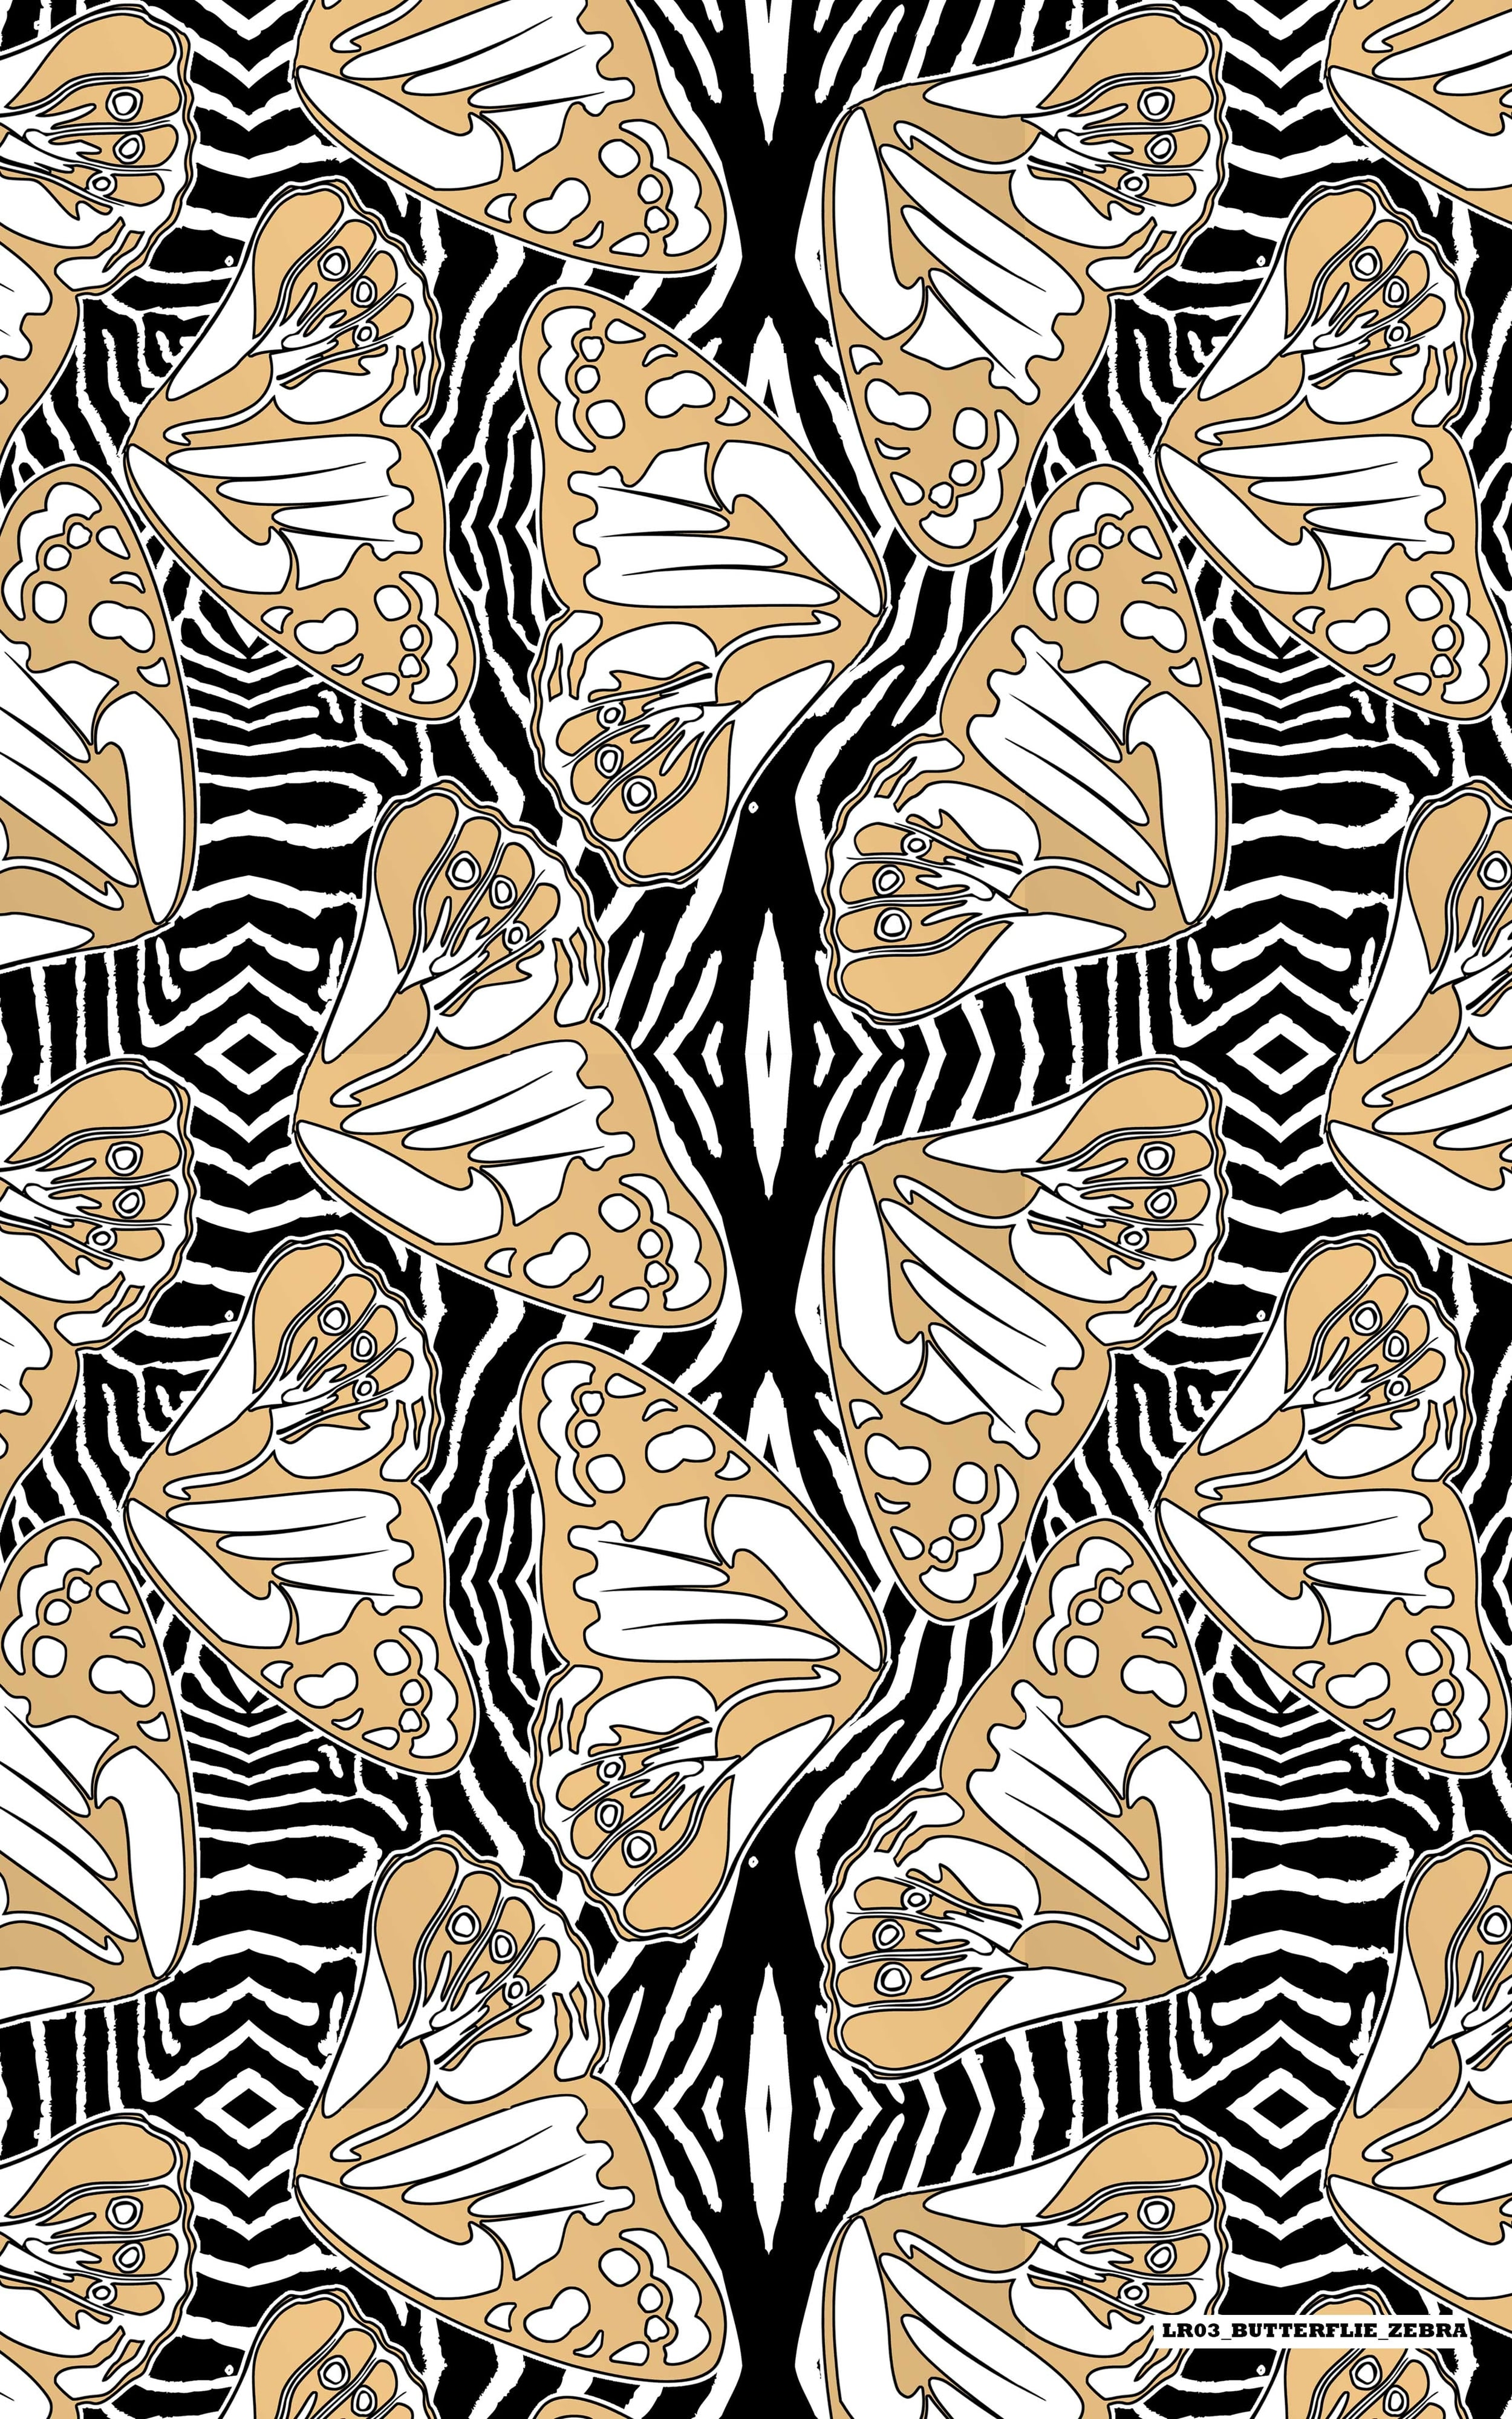 LR03_Butterflies_Zebra_GOLD.jpg